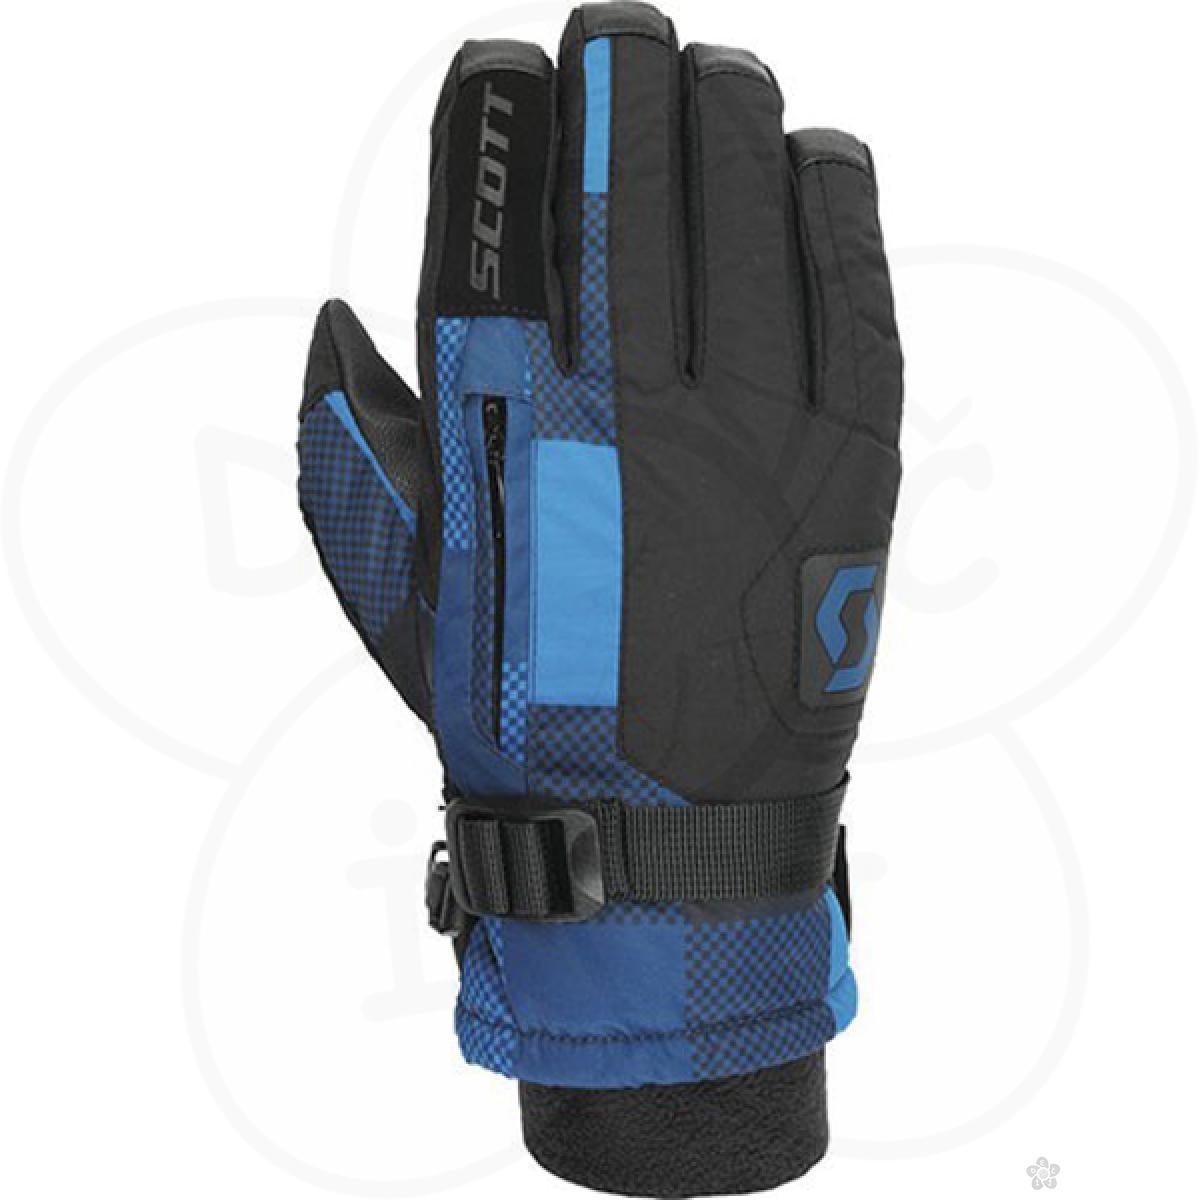 Ski rukavice Scott dečije Gripper black plaid SC2200571804